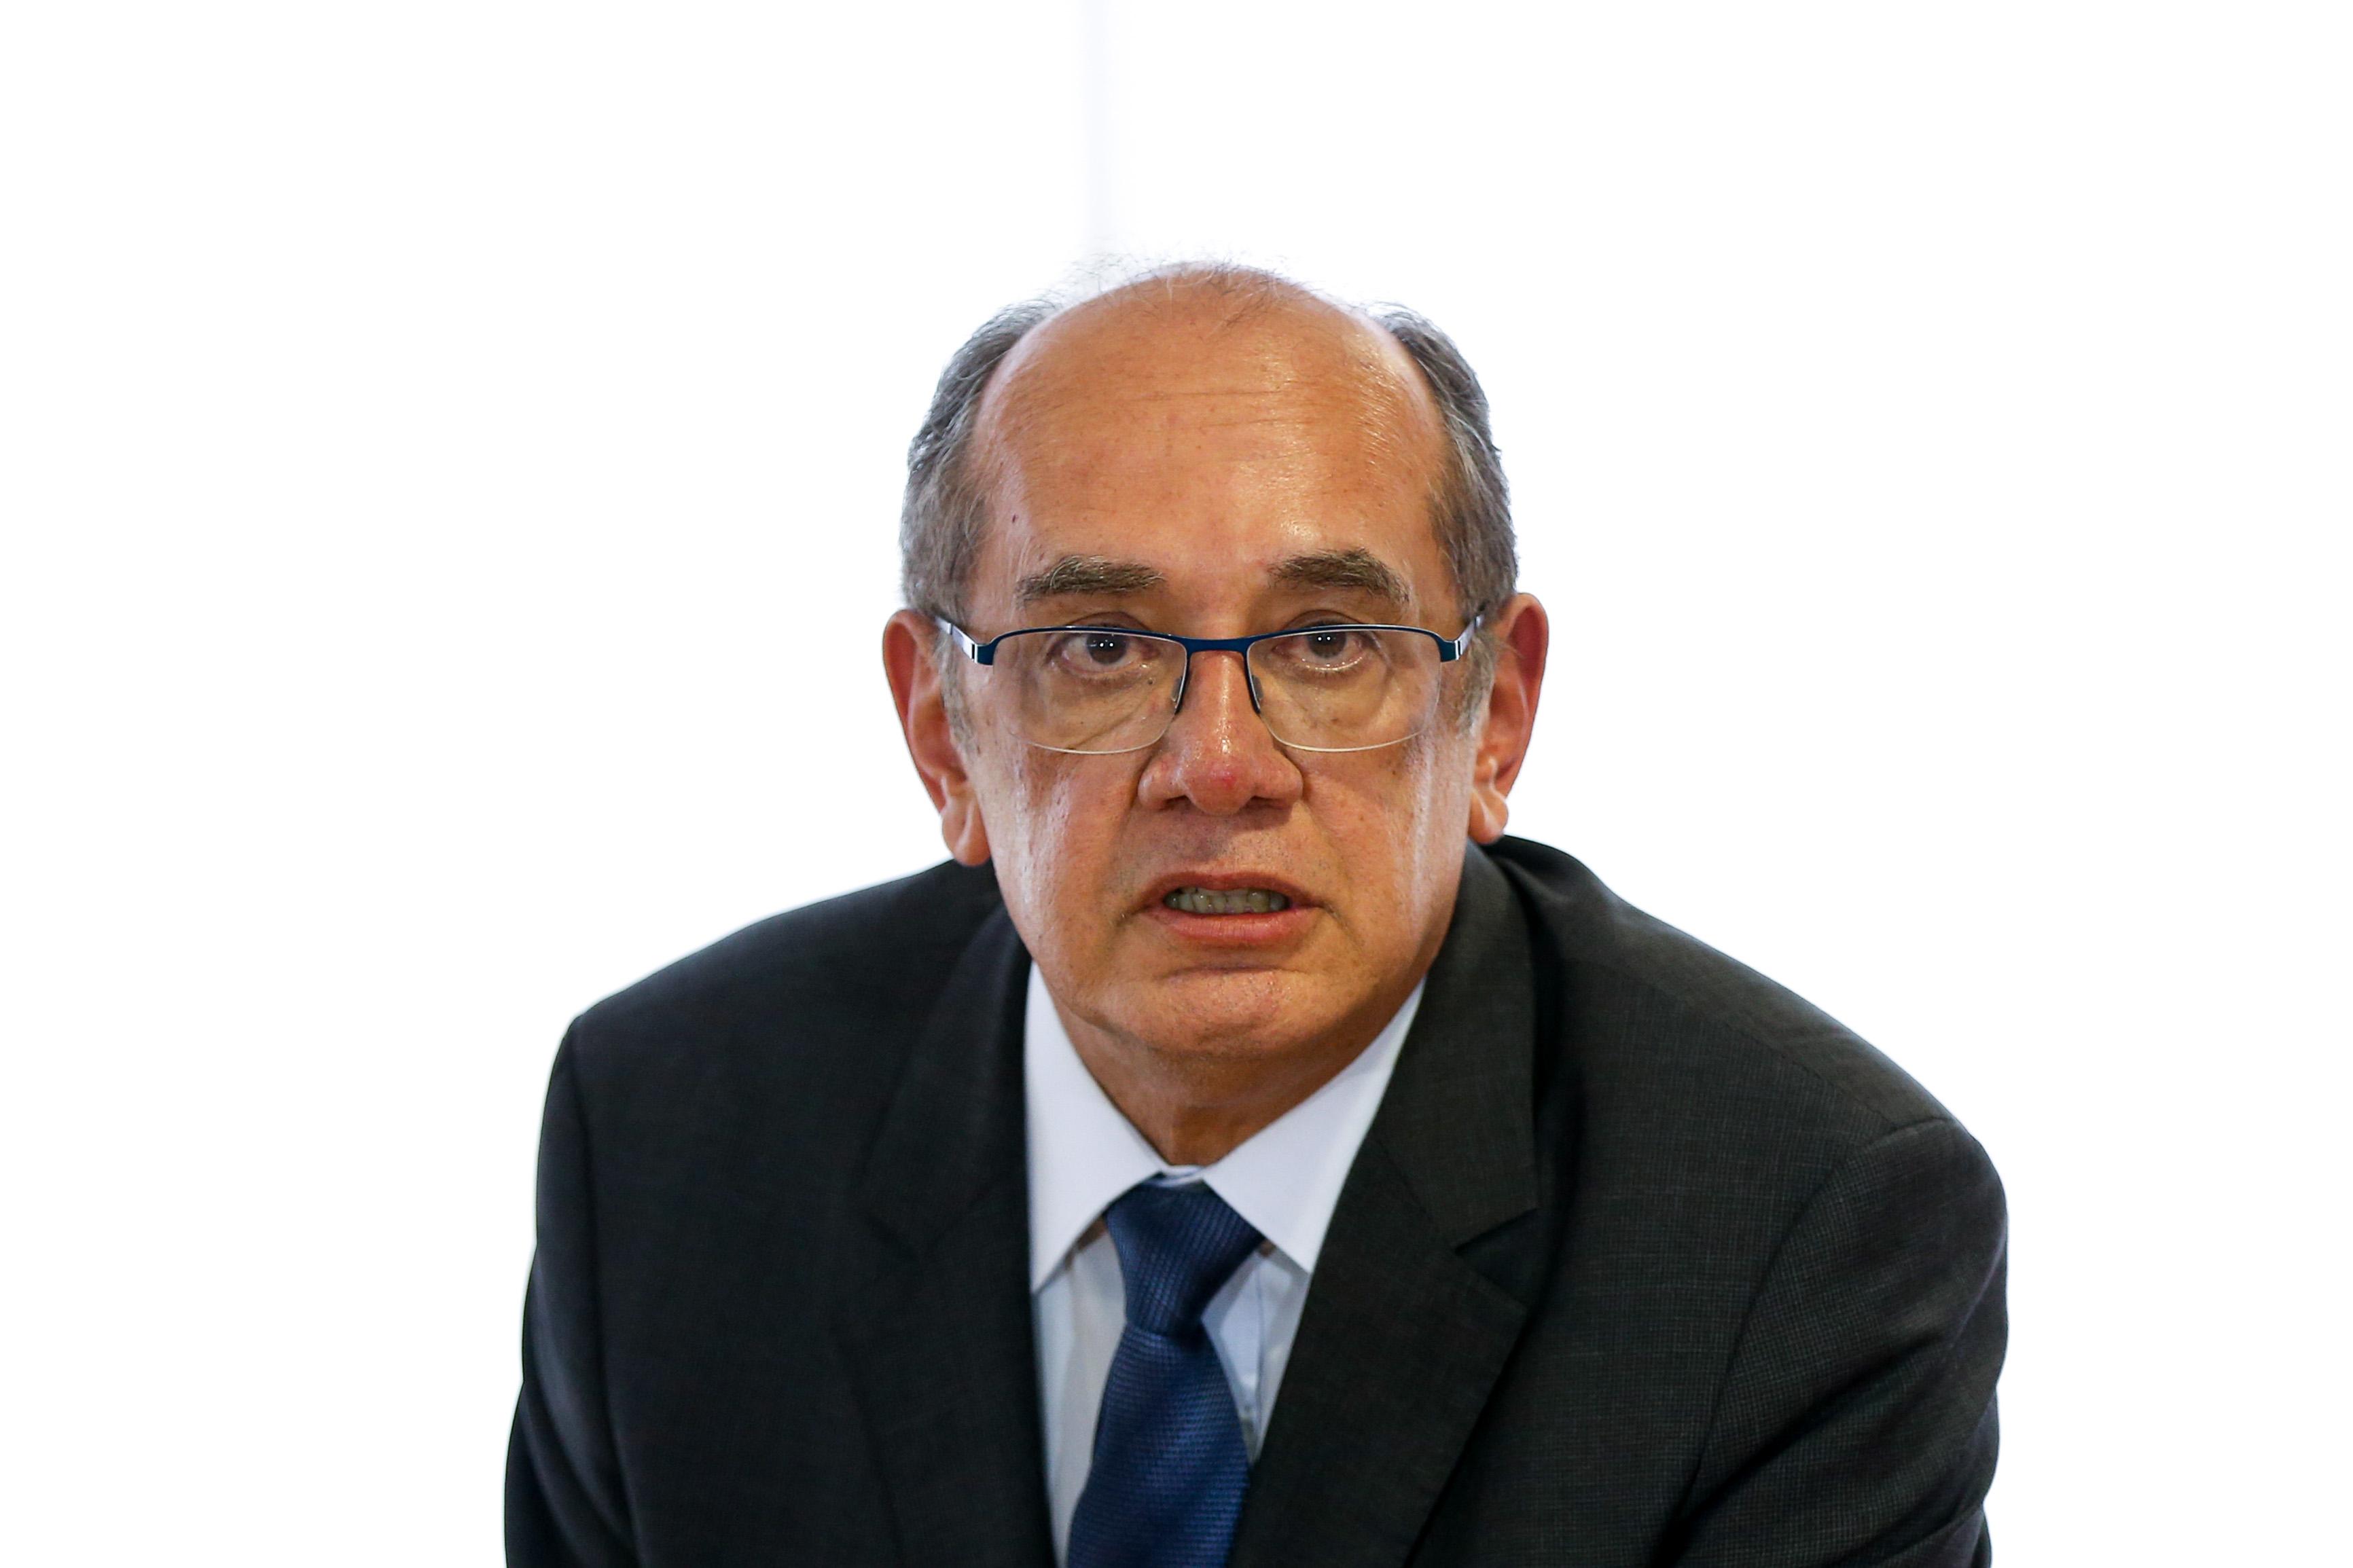 Fotos dos atuais ministros do stf